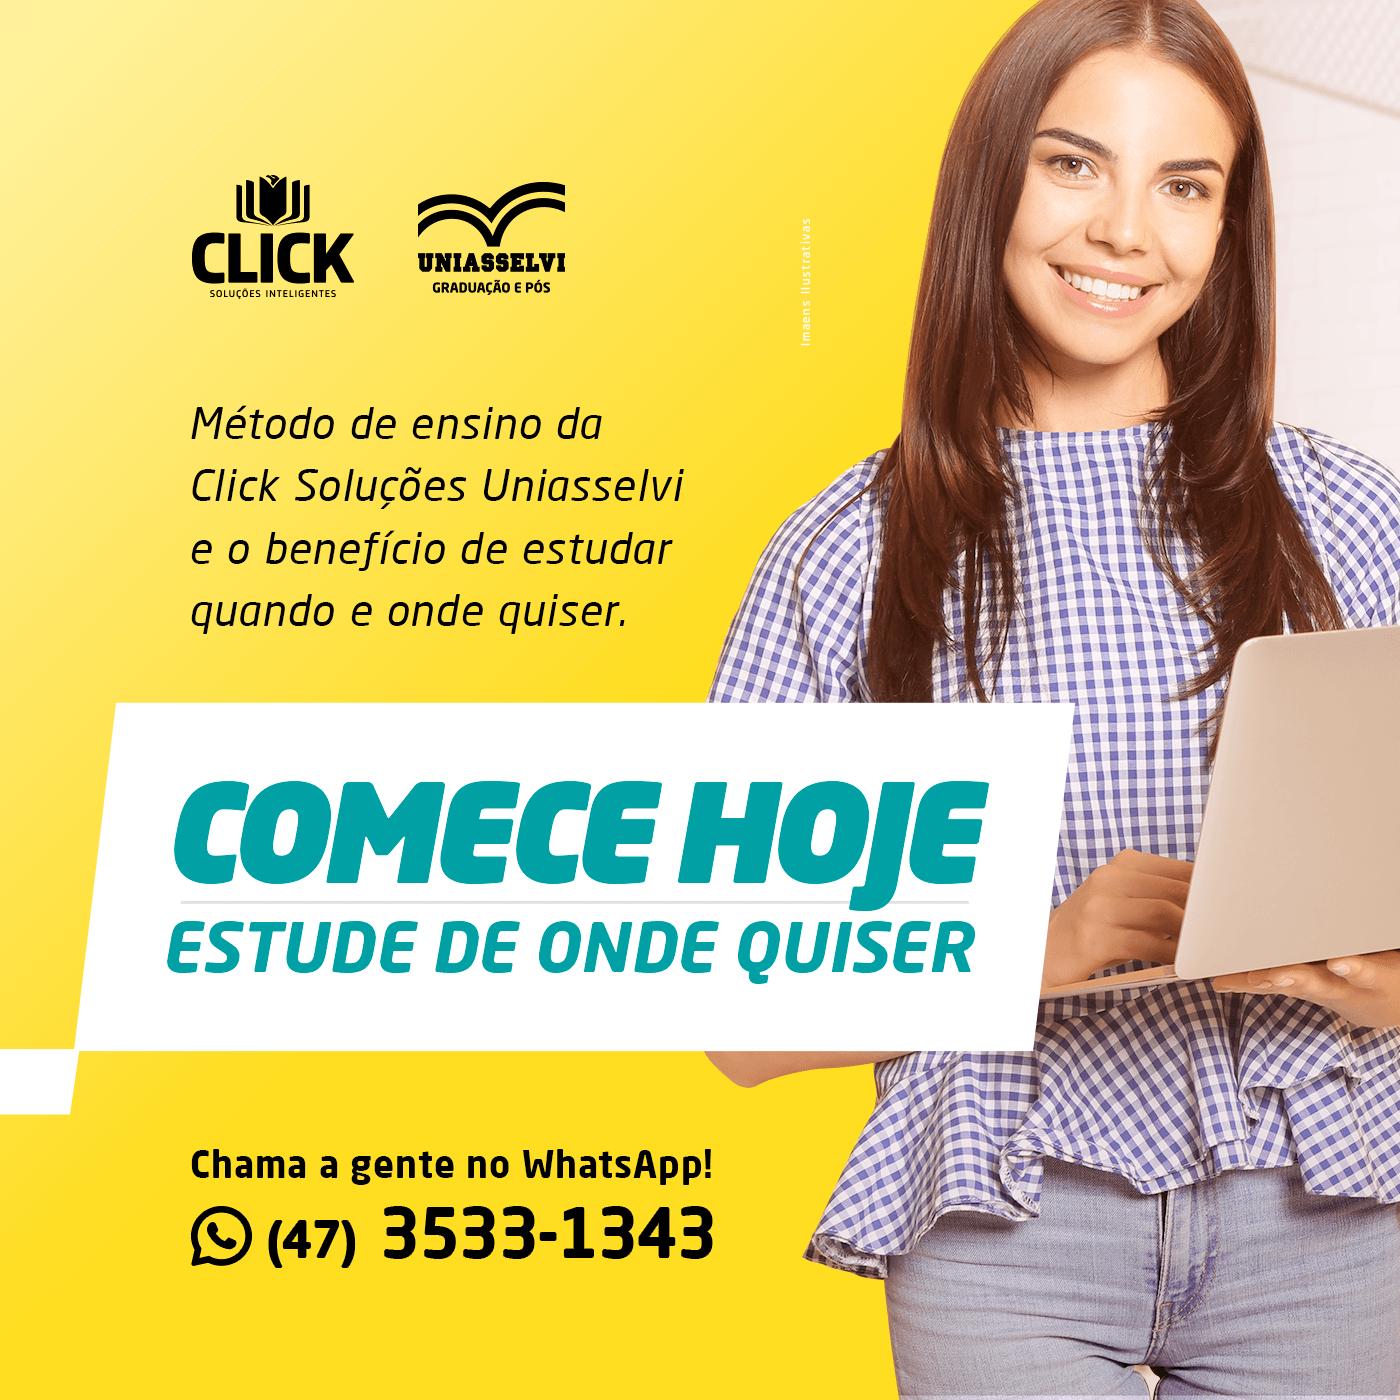 Método de ensino da Click/Uniasselvi e o benefício de estudar quando e onde quiser.